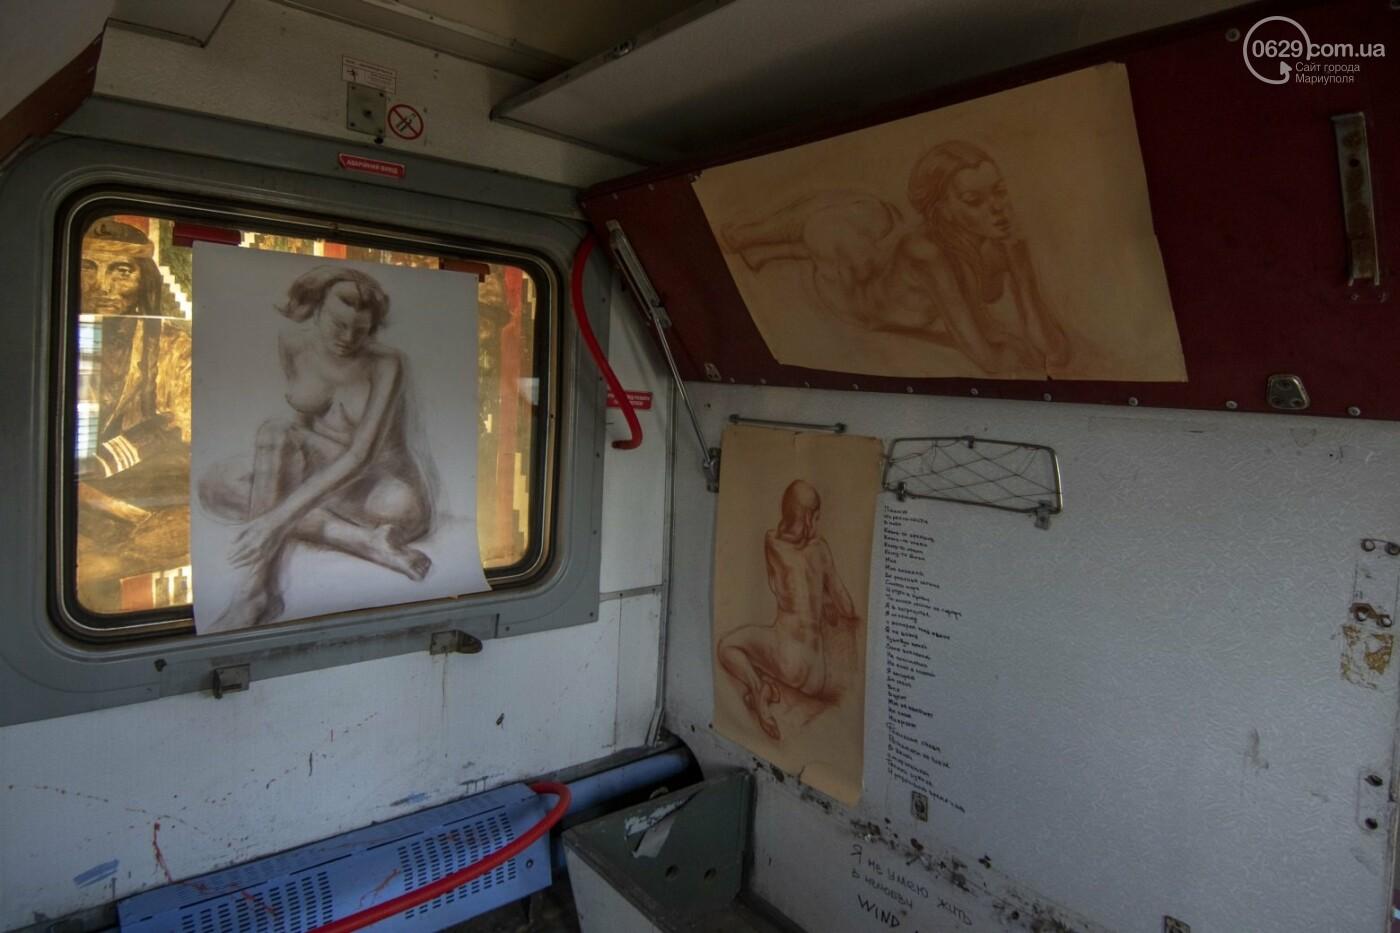 Во что превратили художники старый железнодорожный состав в Мариуполе. 33 фотографии! , фото-15